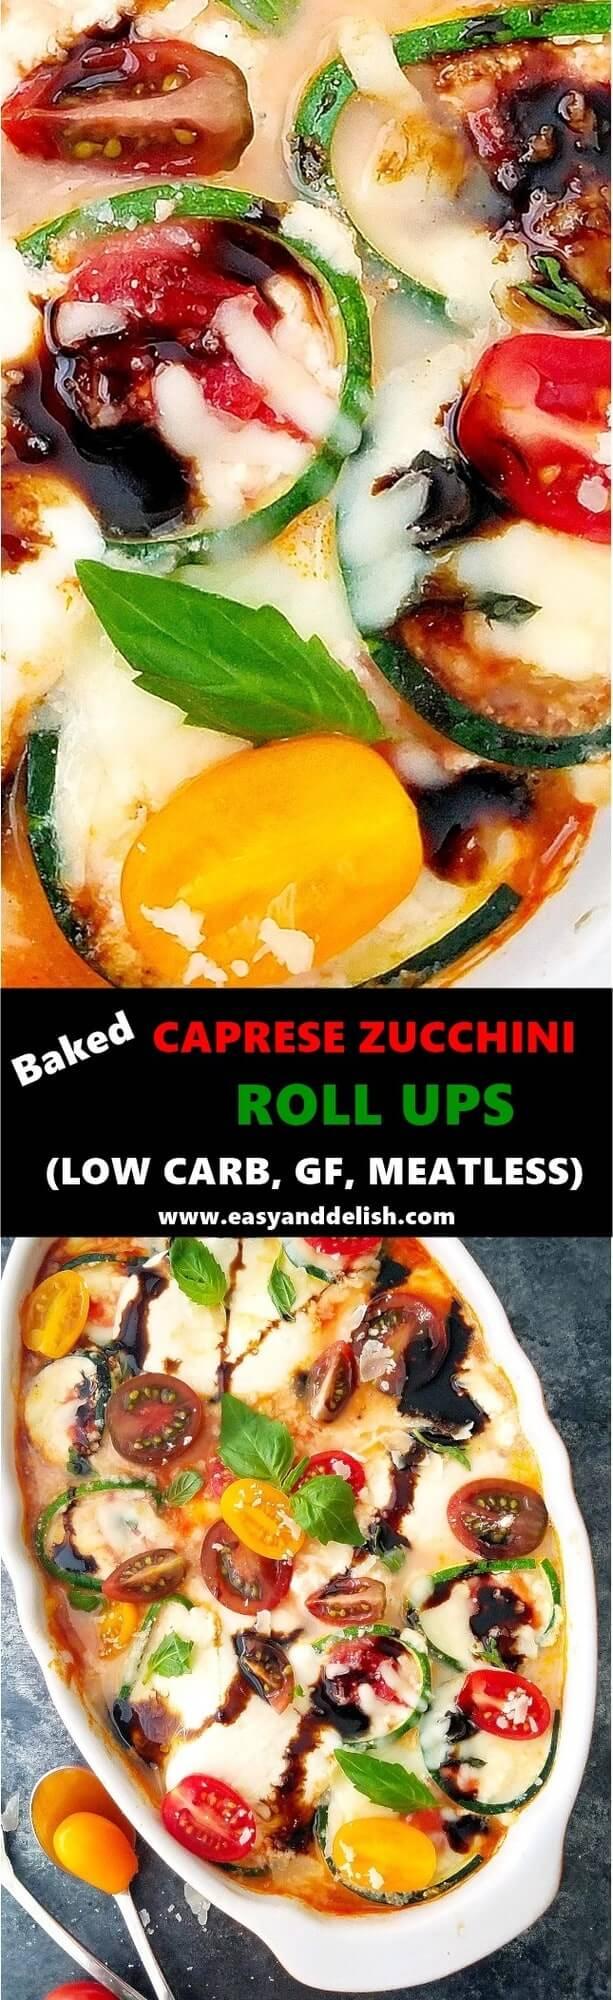 Caprese zucchini roll ups, Caprese zucchini lasagna, Caprese zucchini roll ups casserole